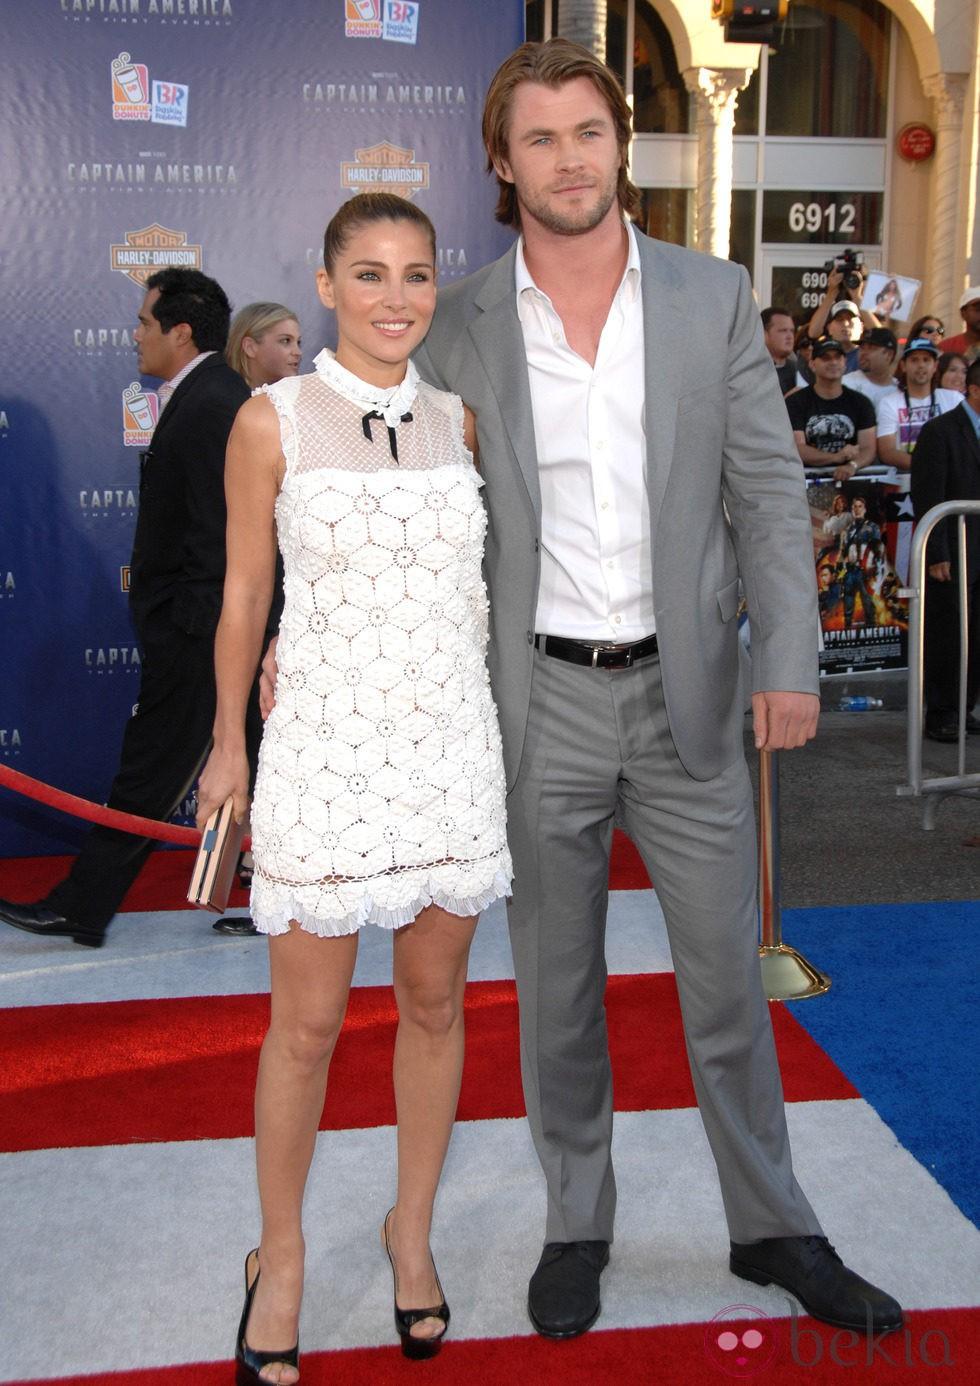 Elsa Pataky con un little white dress en la premiere de 'Capitán América: El primer vengador'